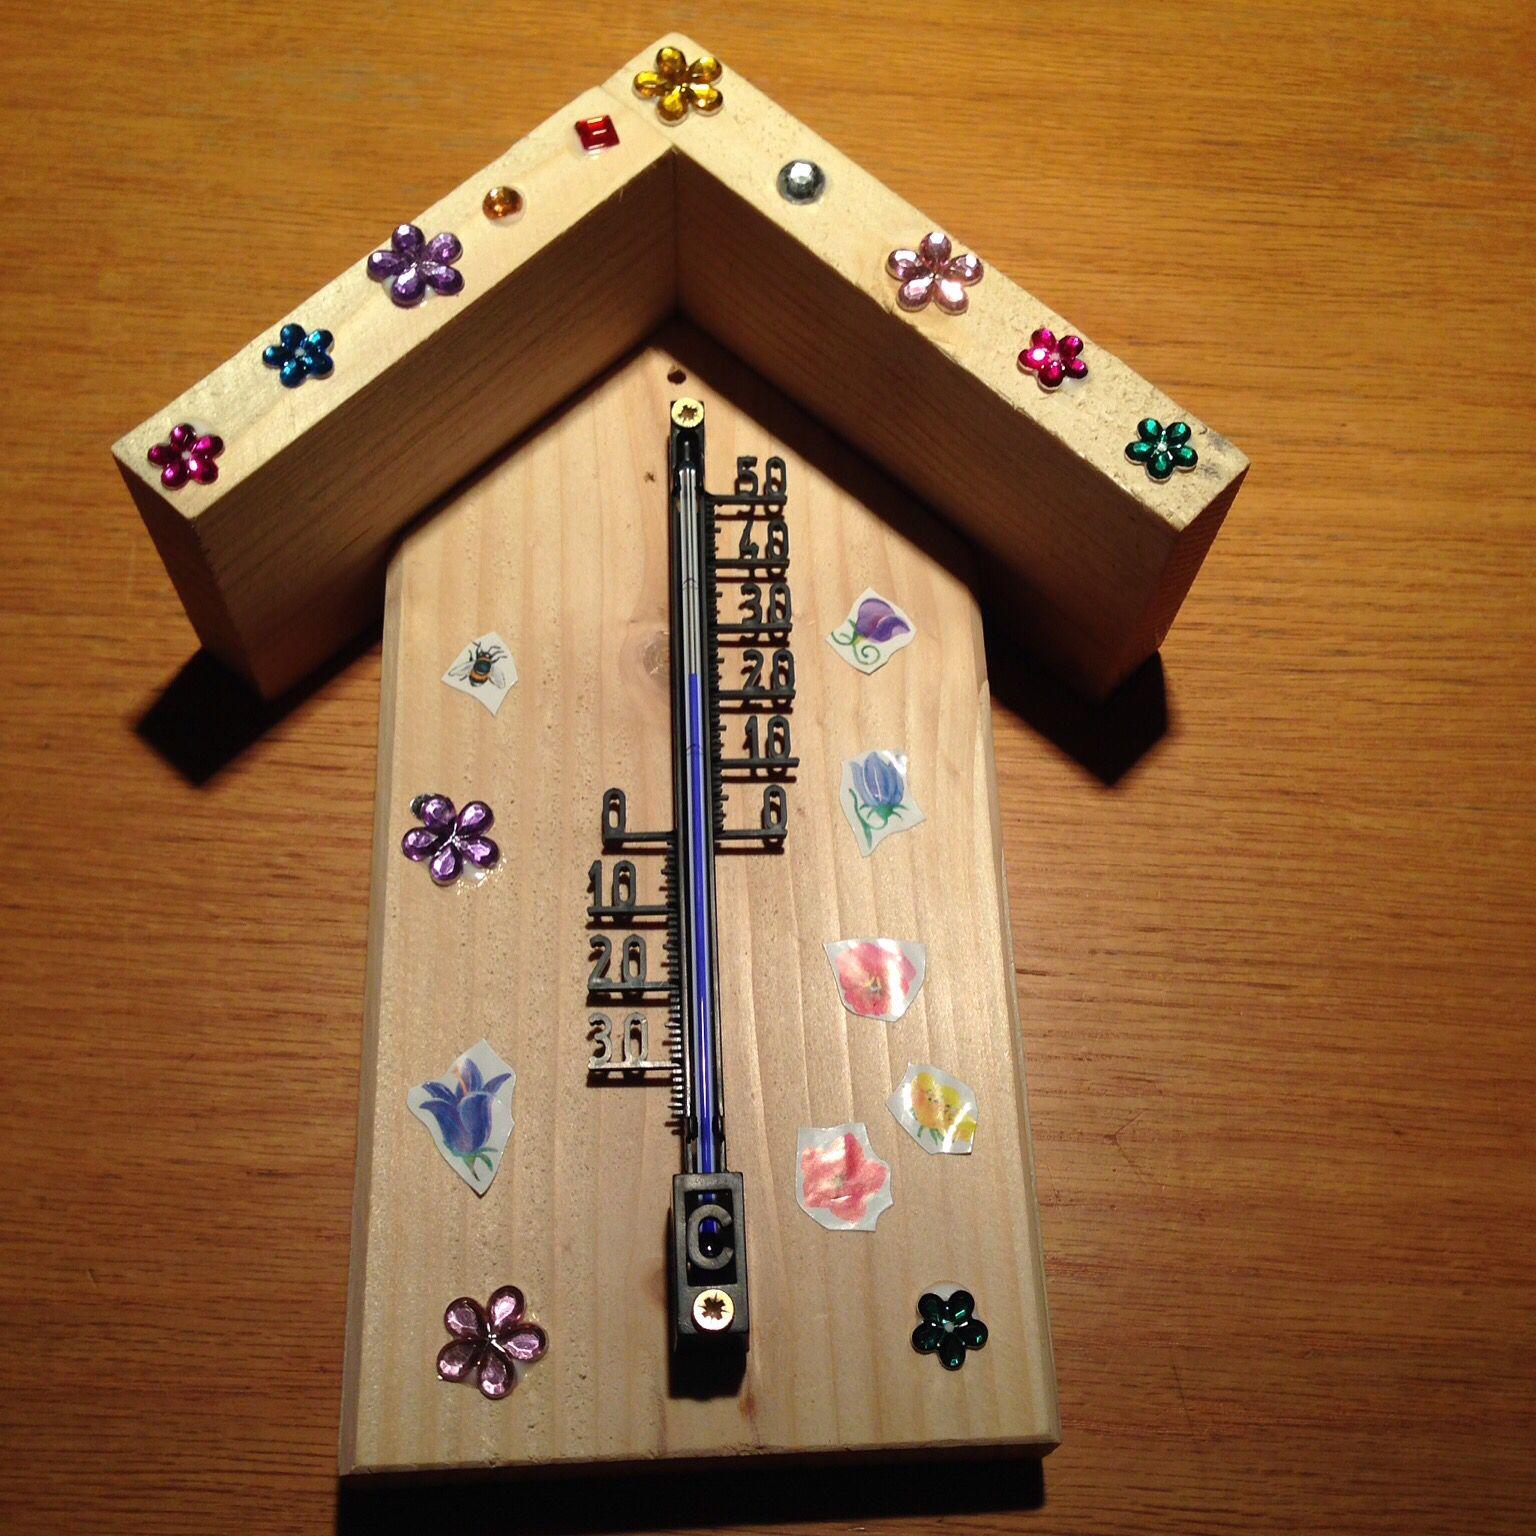 holz thermometer basteln mit kindern pinterest basteln thermometer und schulsachen. Black Bedroom Furniture Sets. Home Design Ideas